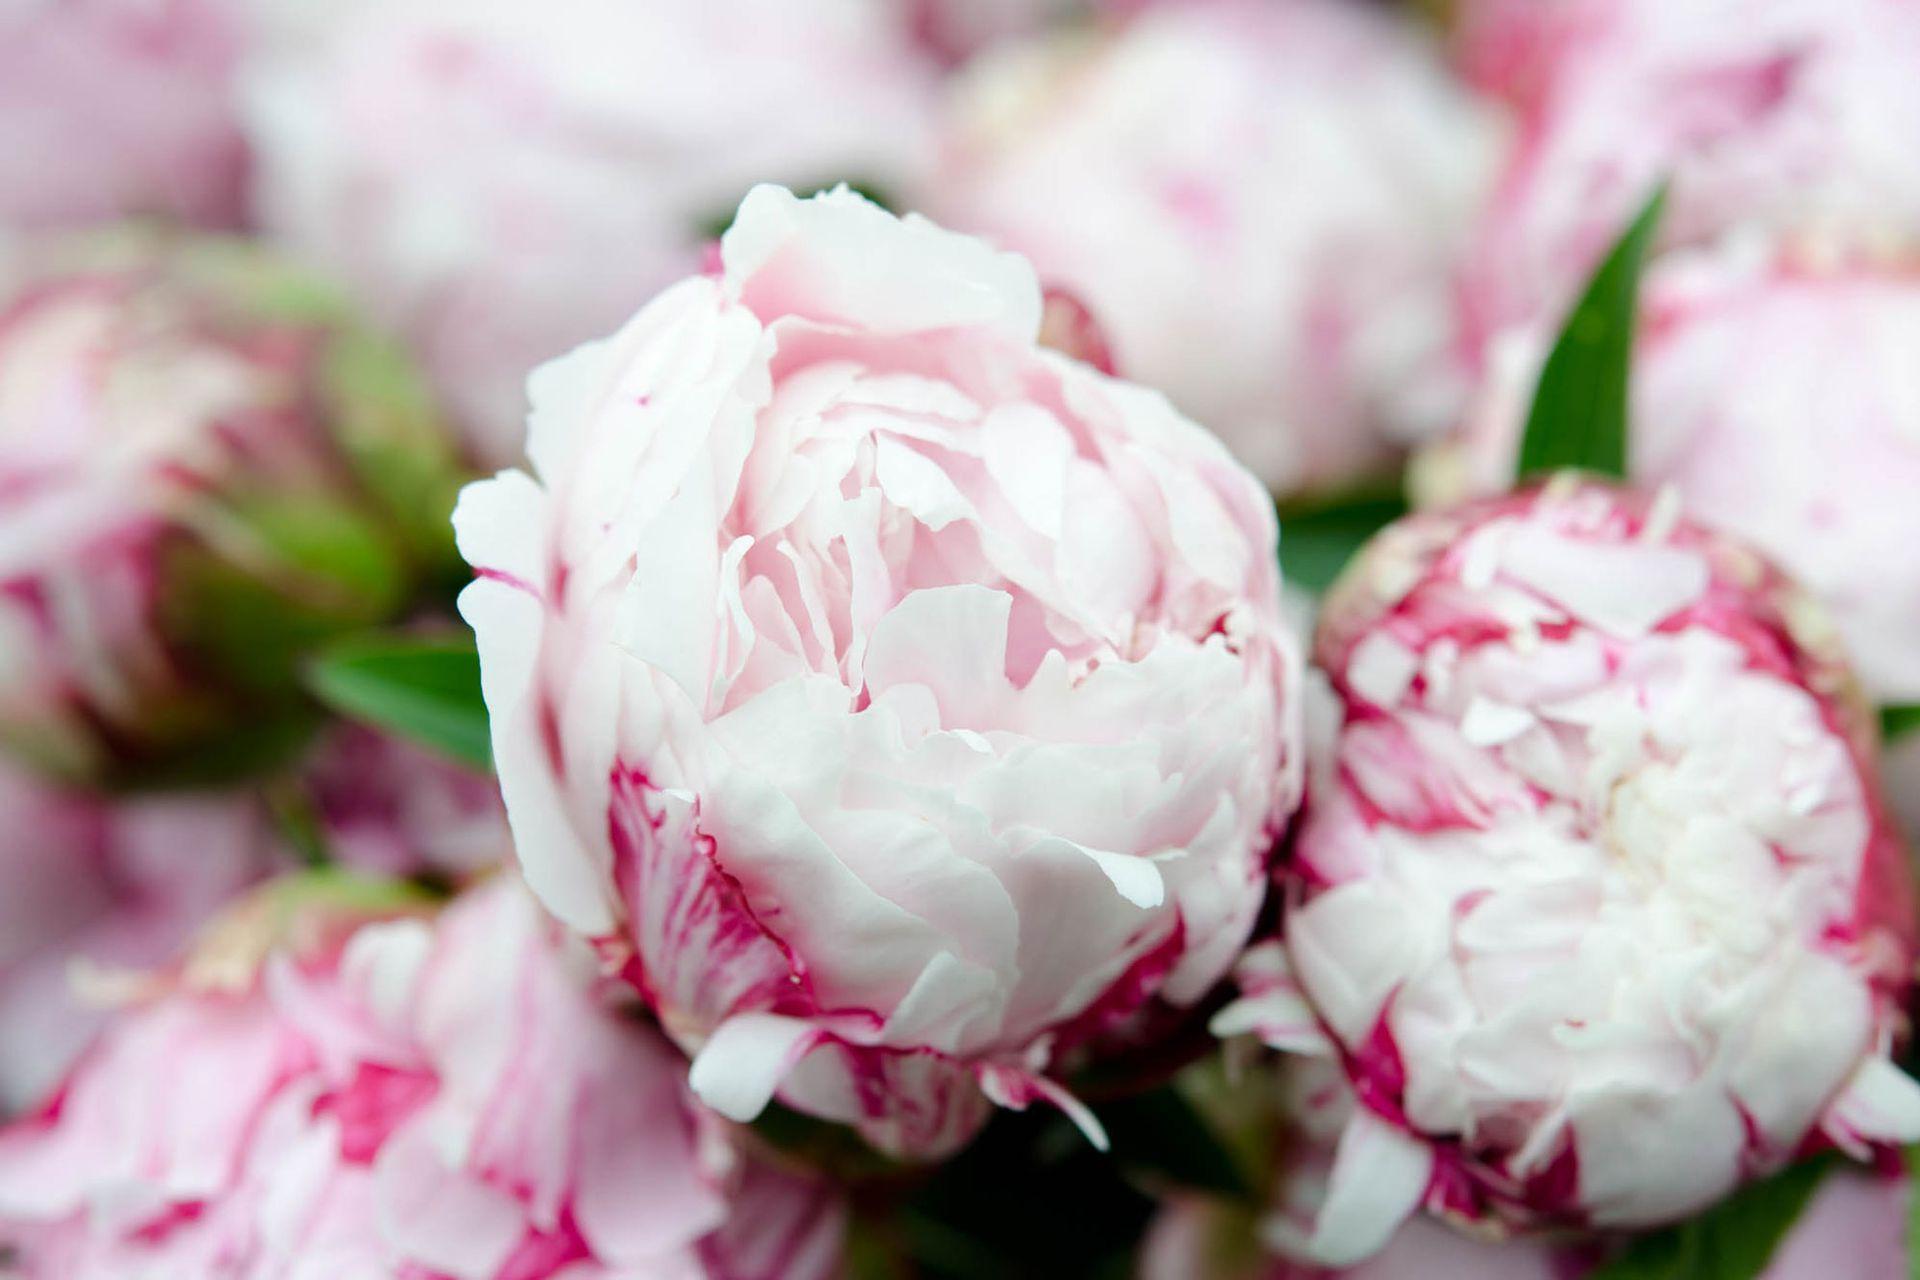 Las peonías pueden ser de color blanco, rosa, fucsia, púrpura y mixtas.